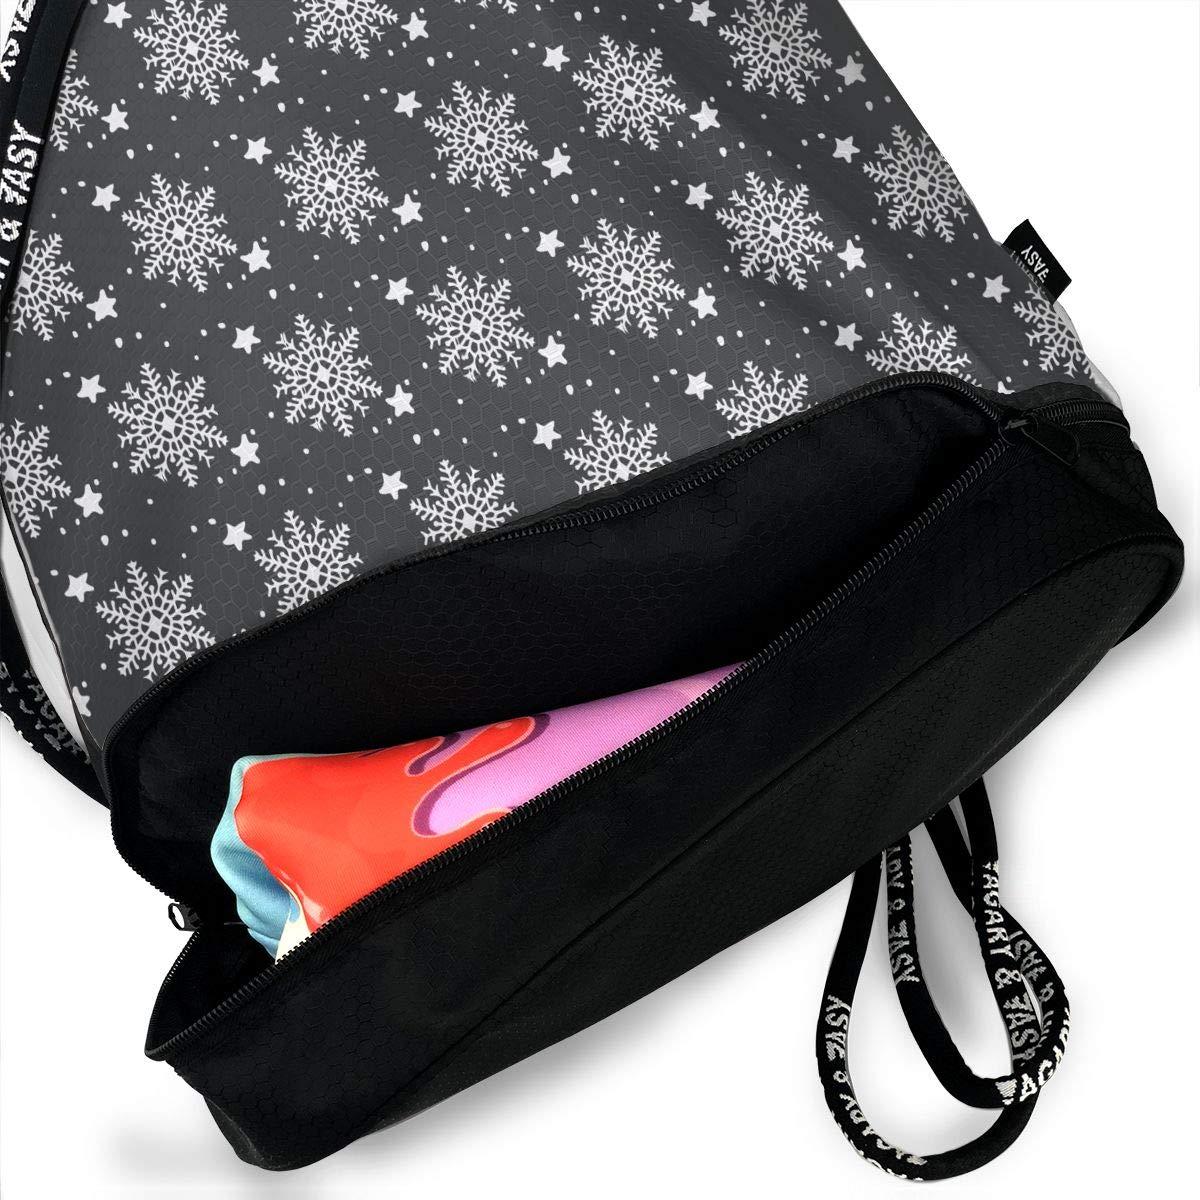 HUOPR5Q Merry Christmas Drawstring Backpack Sport Gym Sack Shoulder Bulk Bag Dance Bag for School Travel